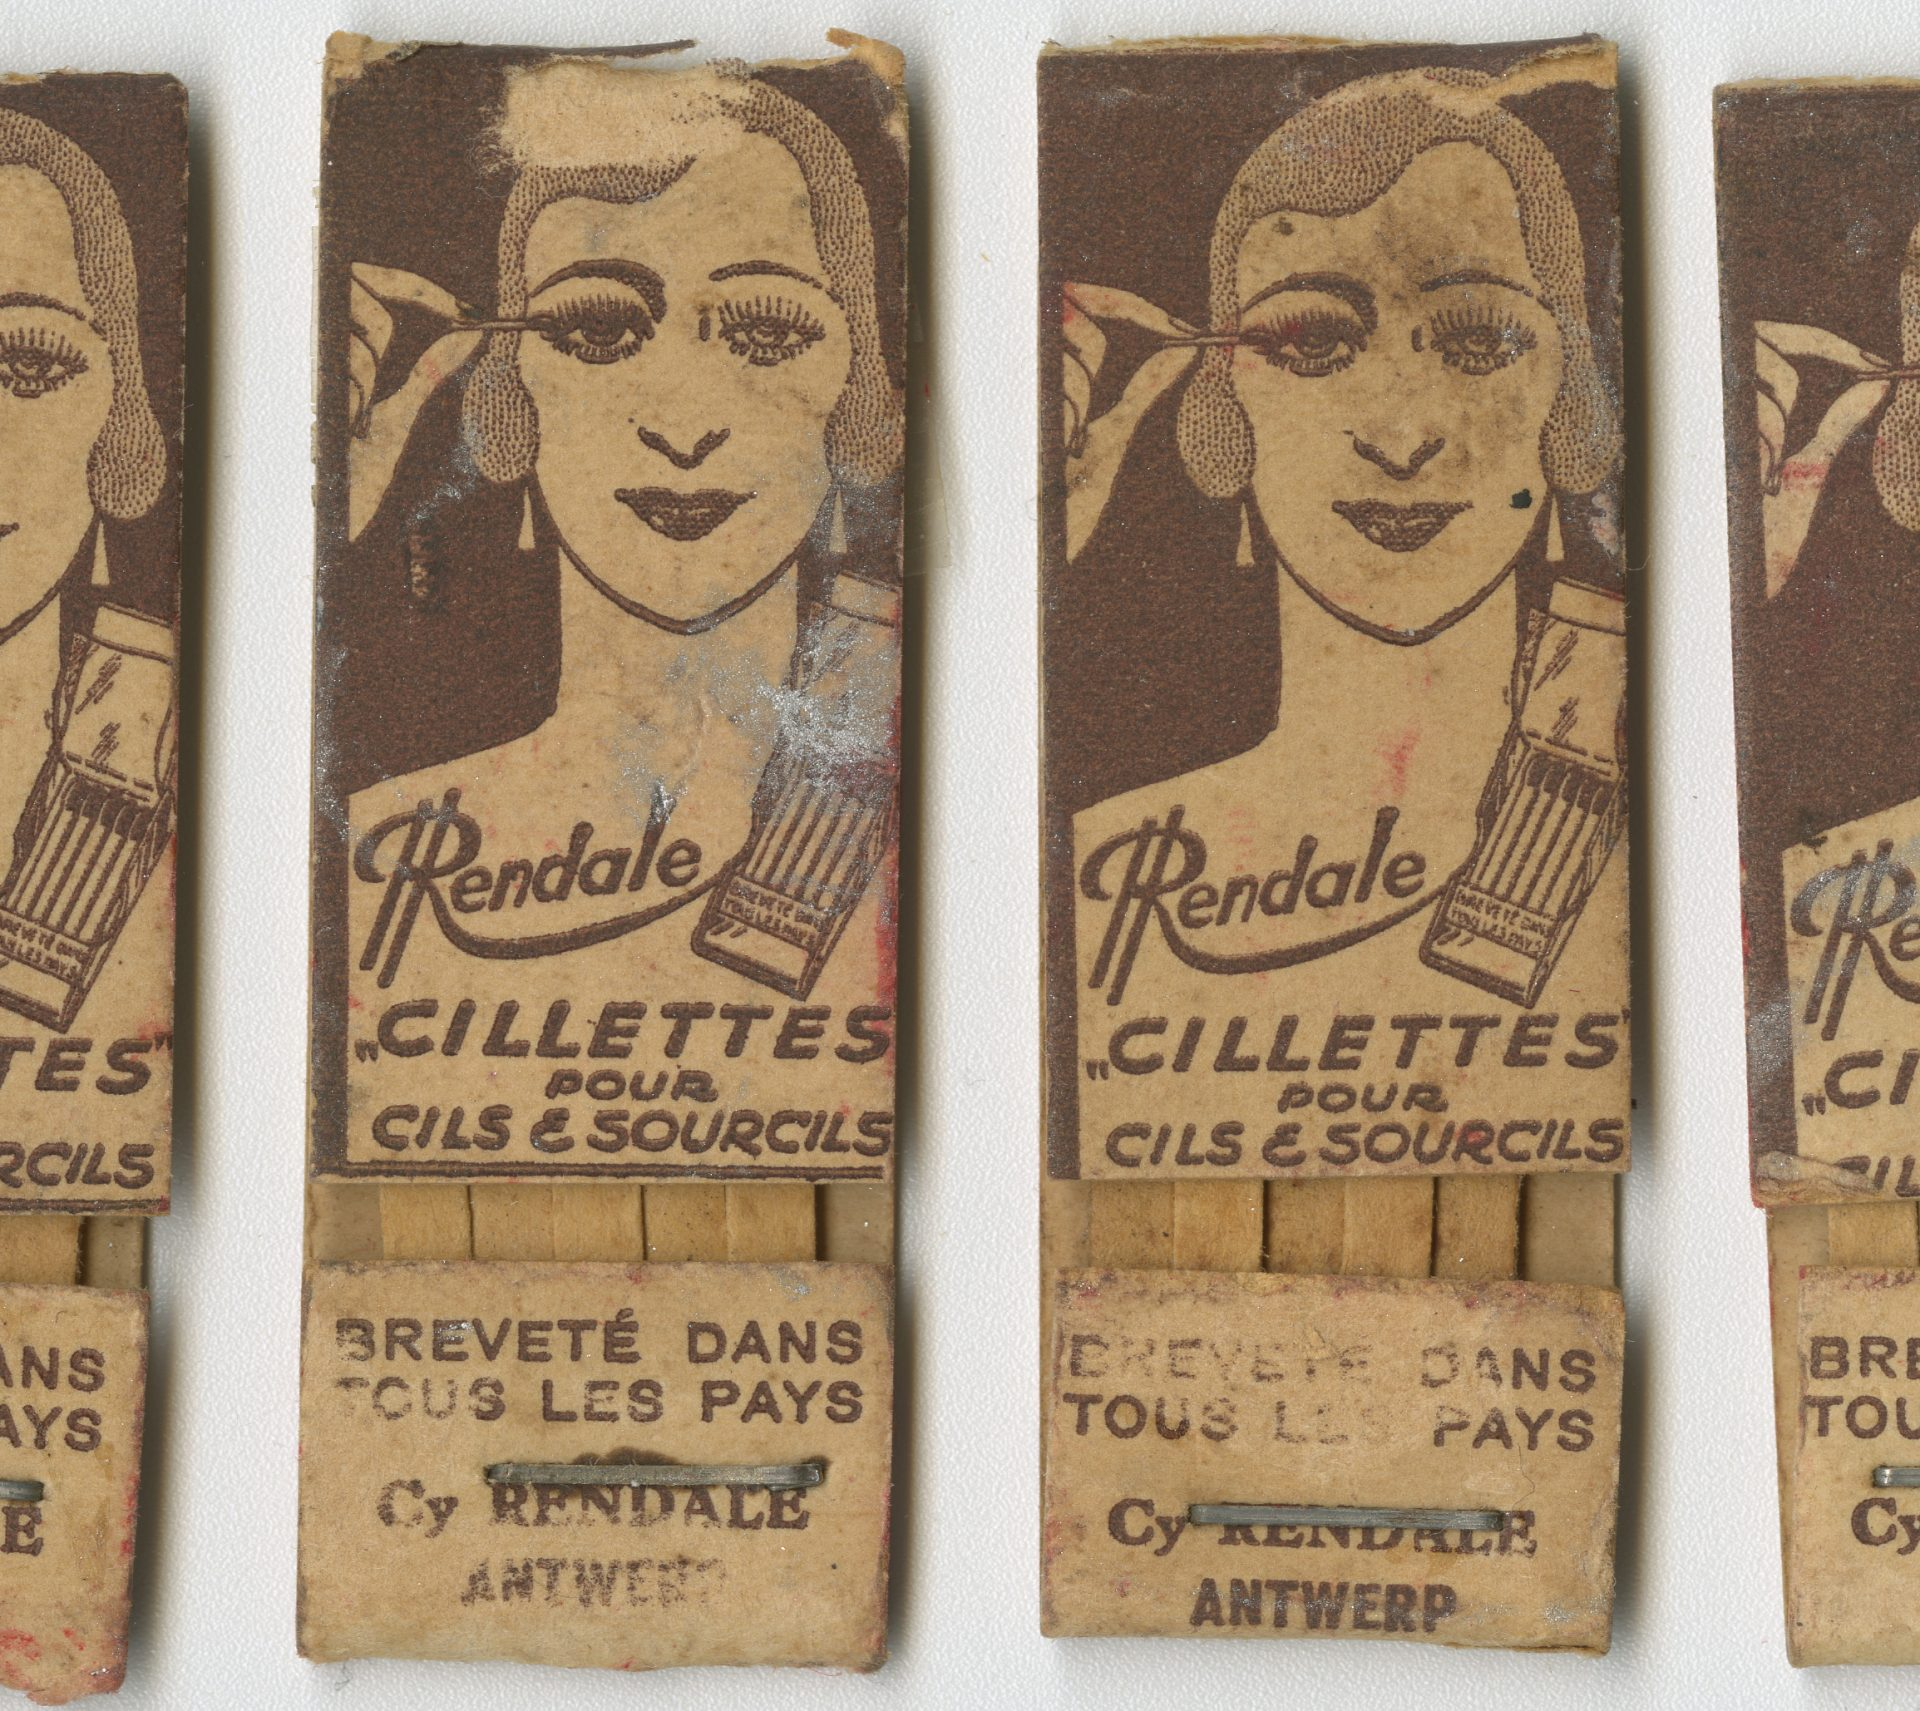 Ce carton de cosmétique contient des ''cillettes'', un maquillage pour les cils et les sourcils. Il s'agit de petites allumettes en carton à l'embout empreint d'un fard brun pour maquiller les yeux.